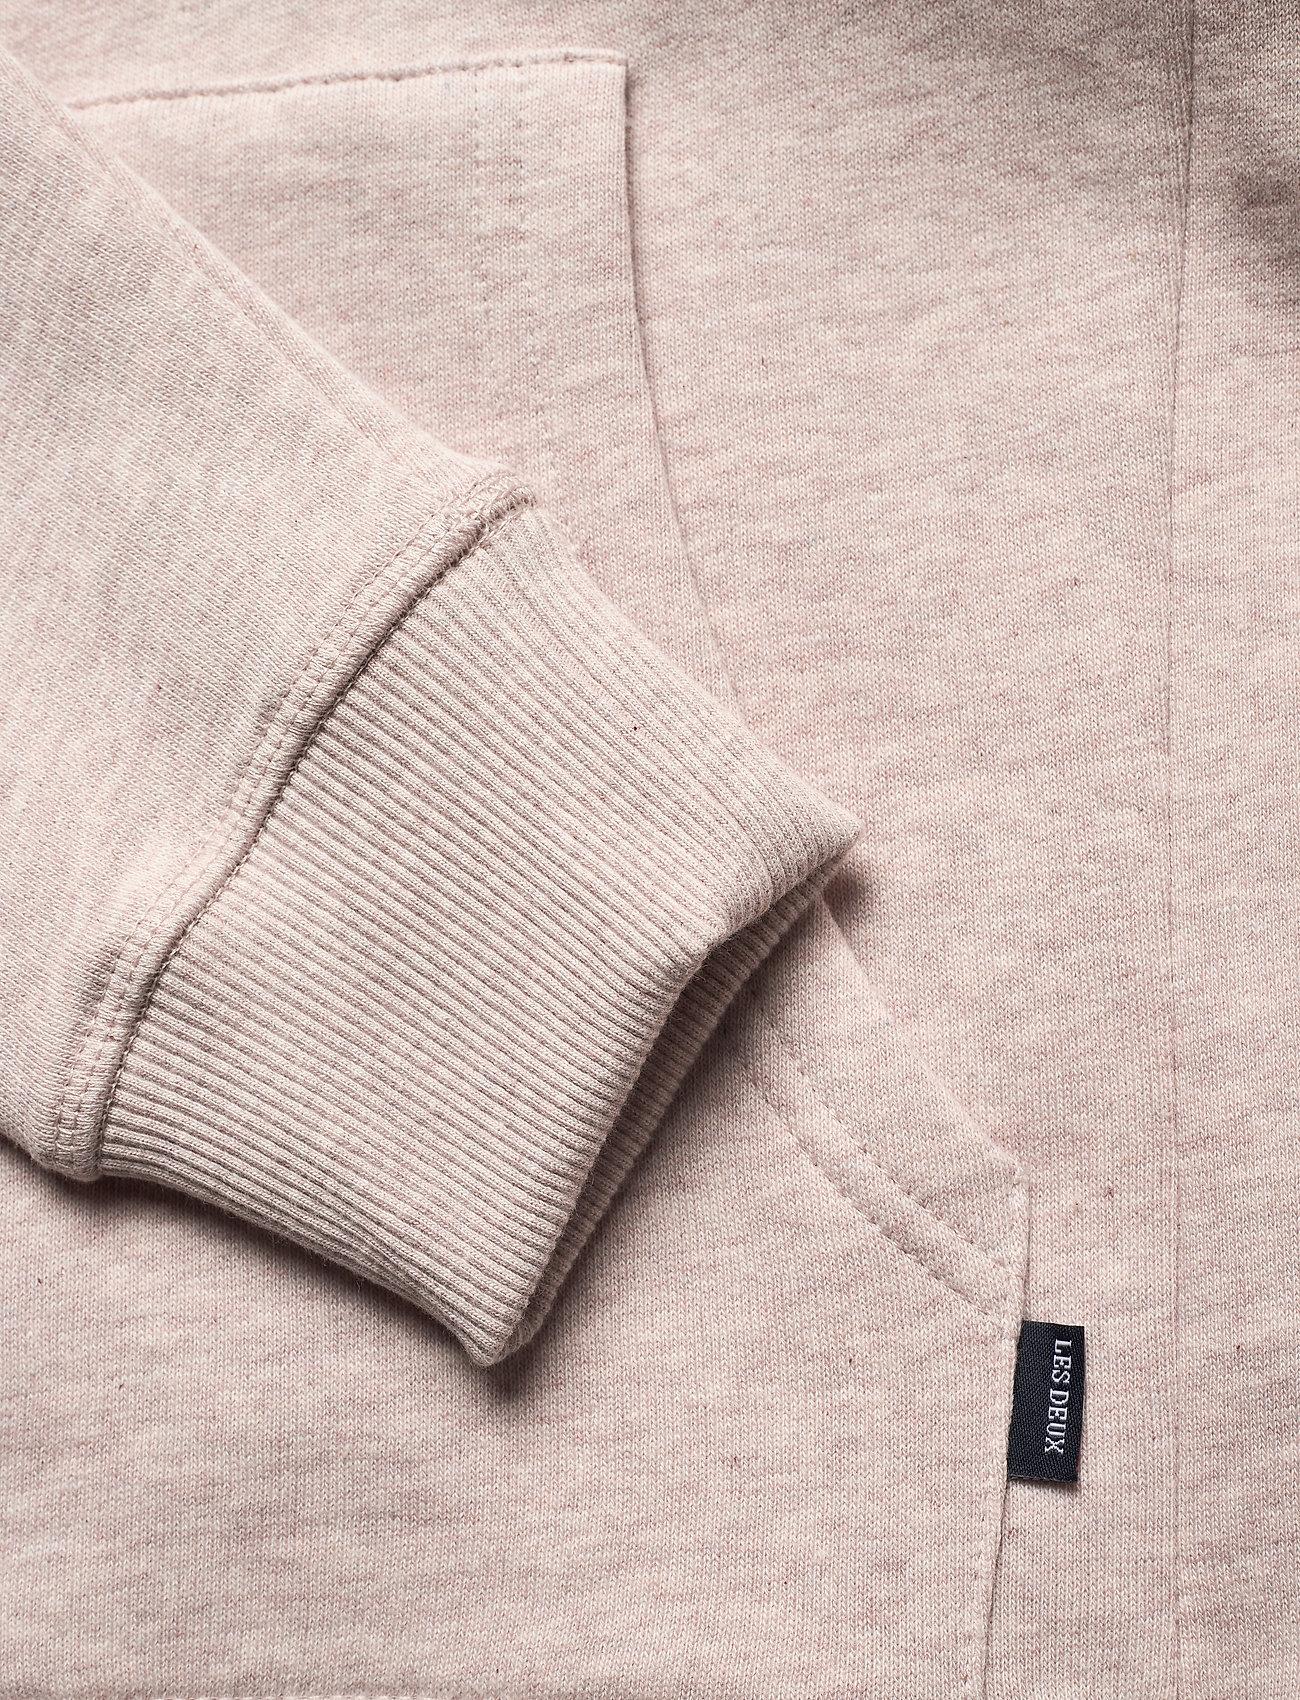 Les Deux Piece Hoodie - Sweatshirts LIGHT BROWN MELANGE/NAVY-LT. BLUE - Menn Klær